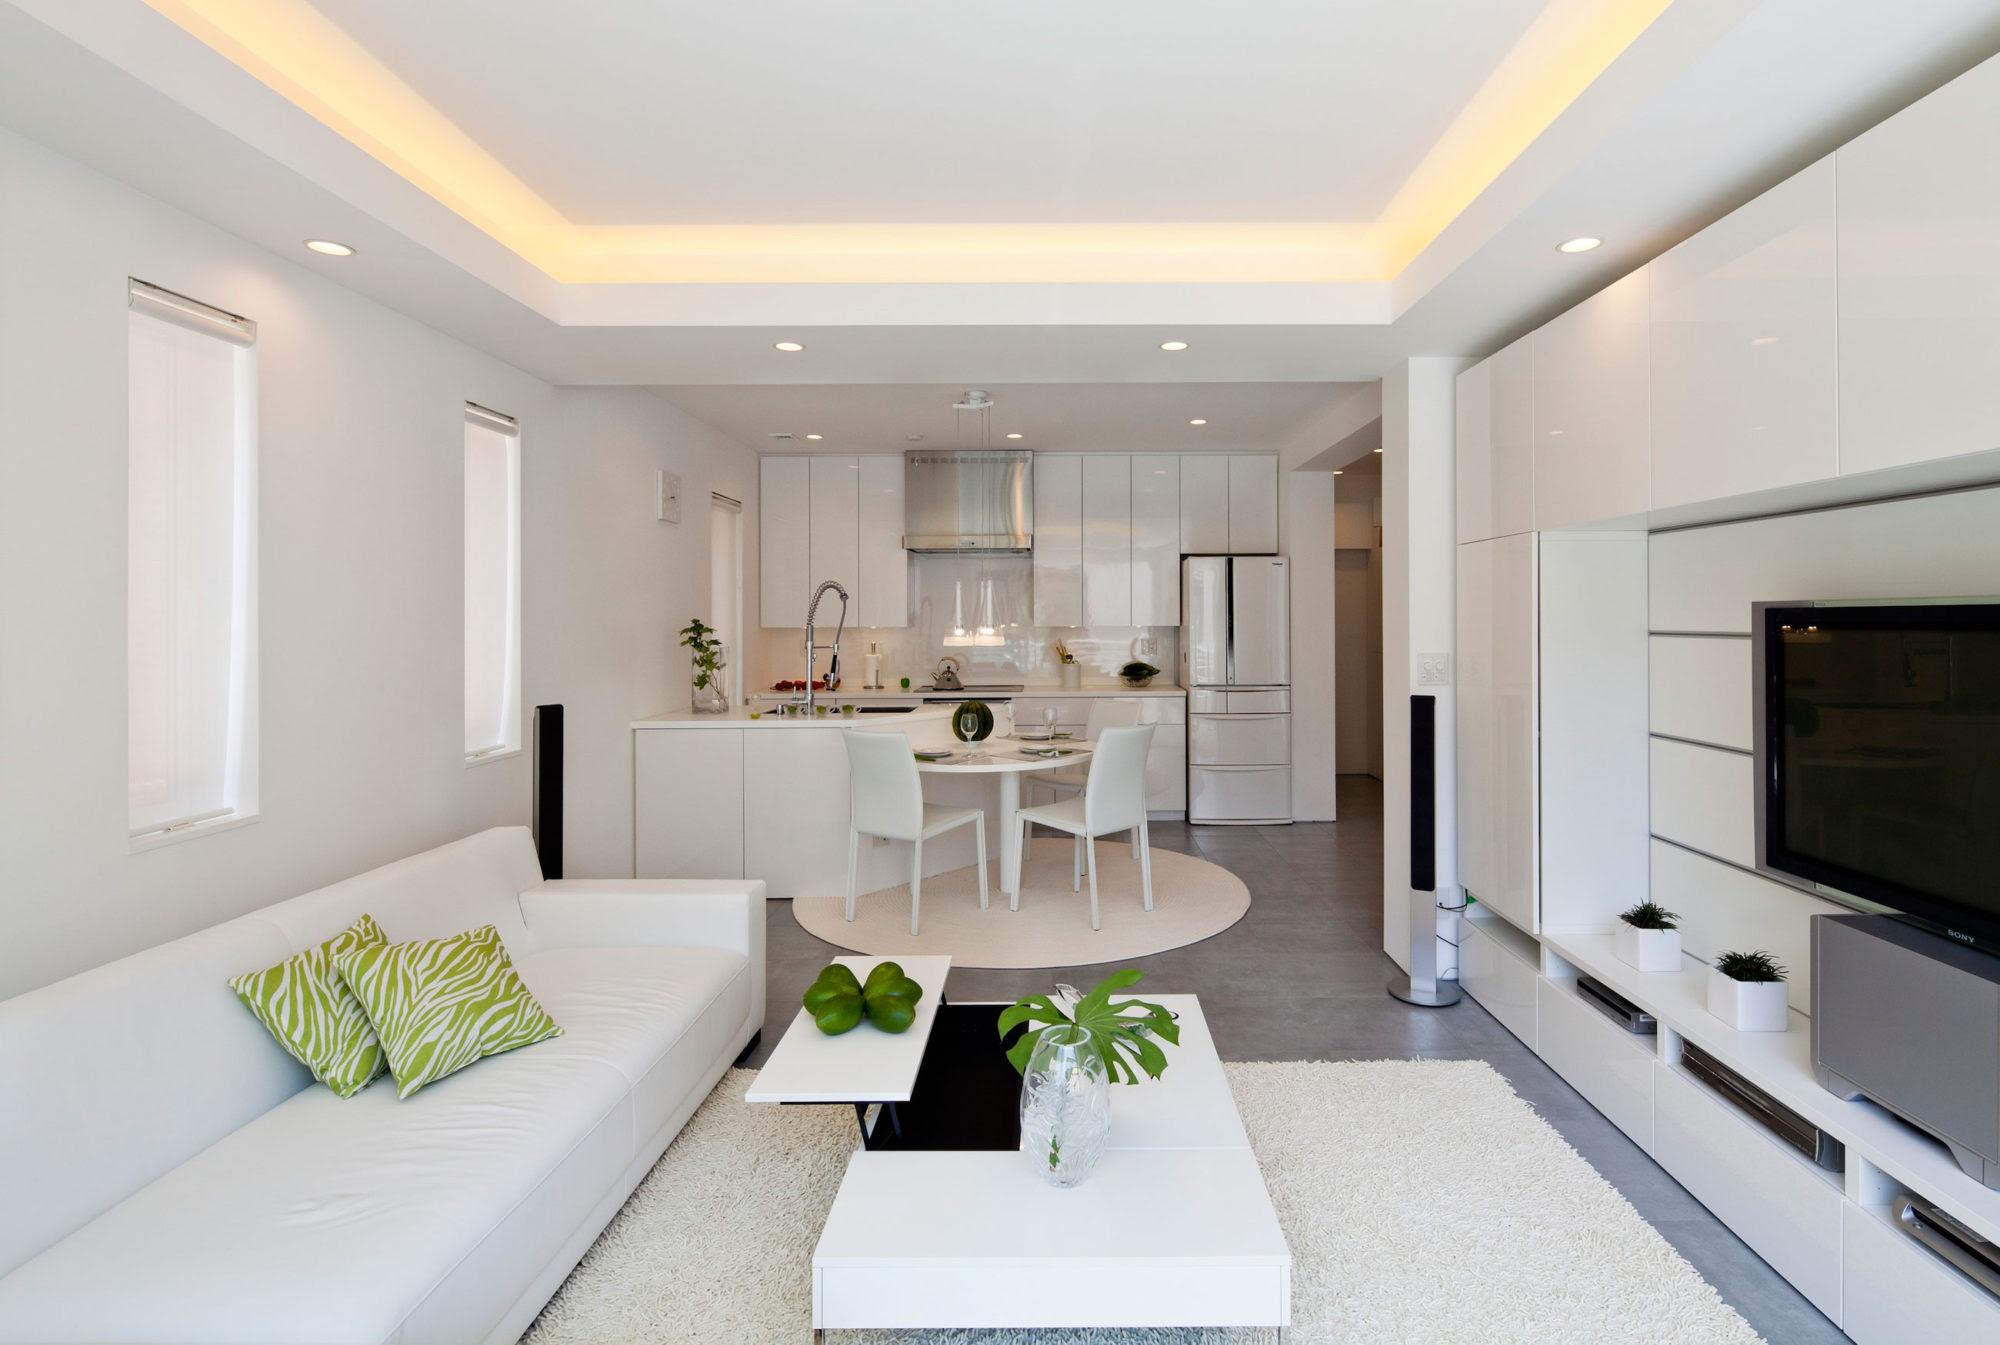 Modern Zen Design House Philippines | Modern Design on